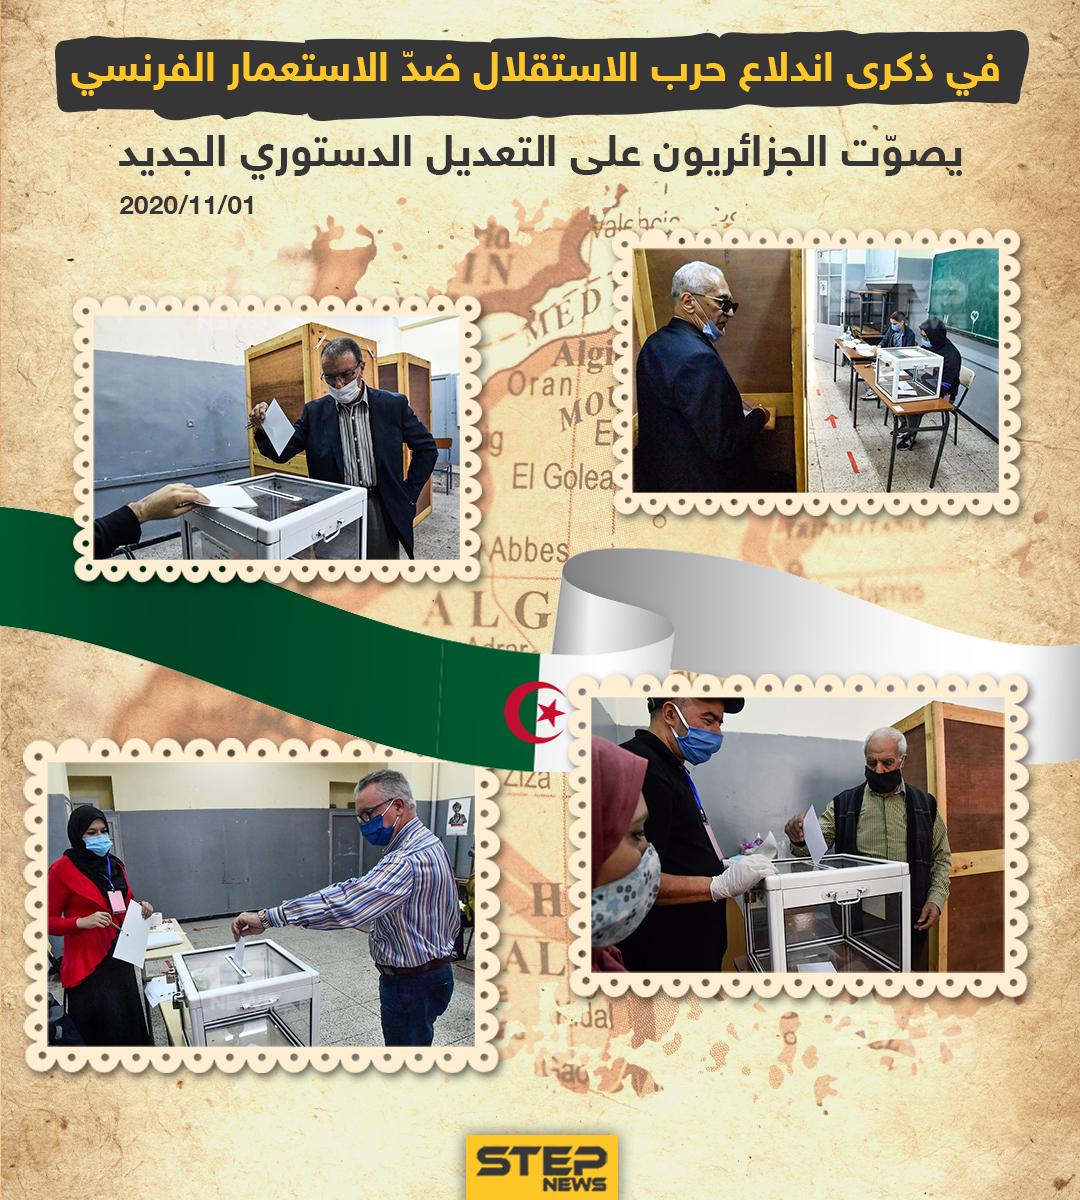 في ذكرى اندلاع حرب الاستقلال ضد الاستعمار الفرنسي .. يصوت الجزائريون على تعديل الدستور الجديد